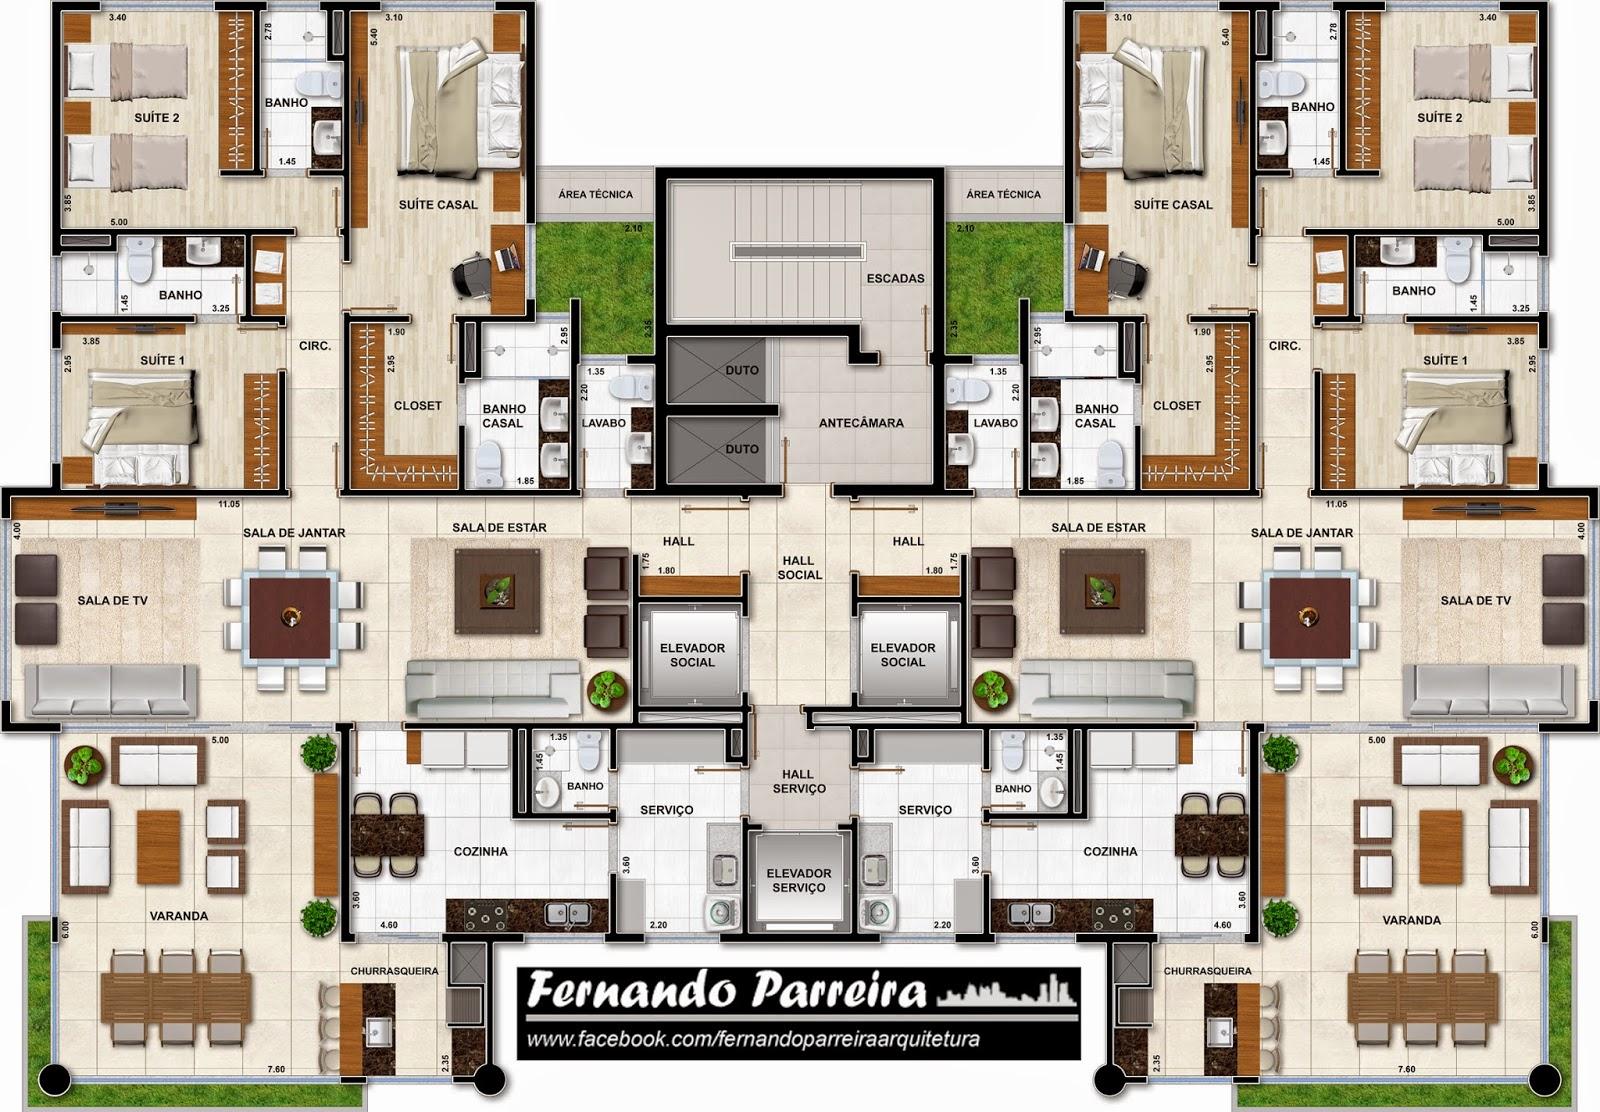 Excepcional Fernando Parreira: Plantas humanizadas para prédio de alto padrão AT46